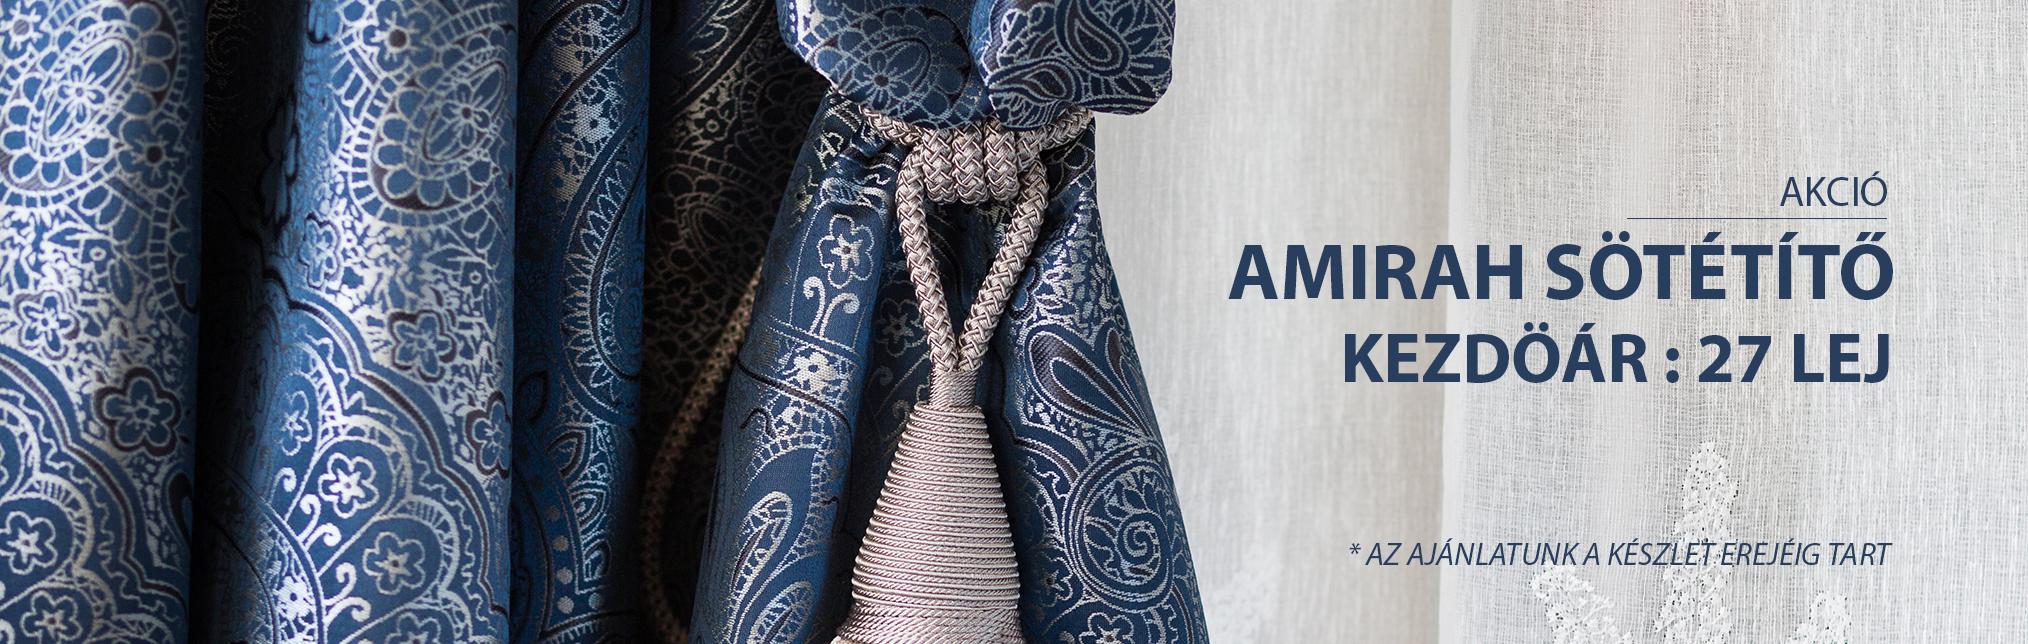 AMIRAH SÖTÉTÍTŐ - AKCIÓ KEZDÖÁR 27 LEJ